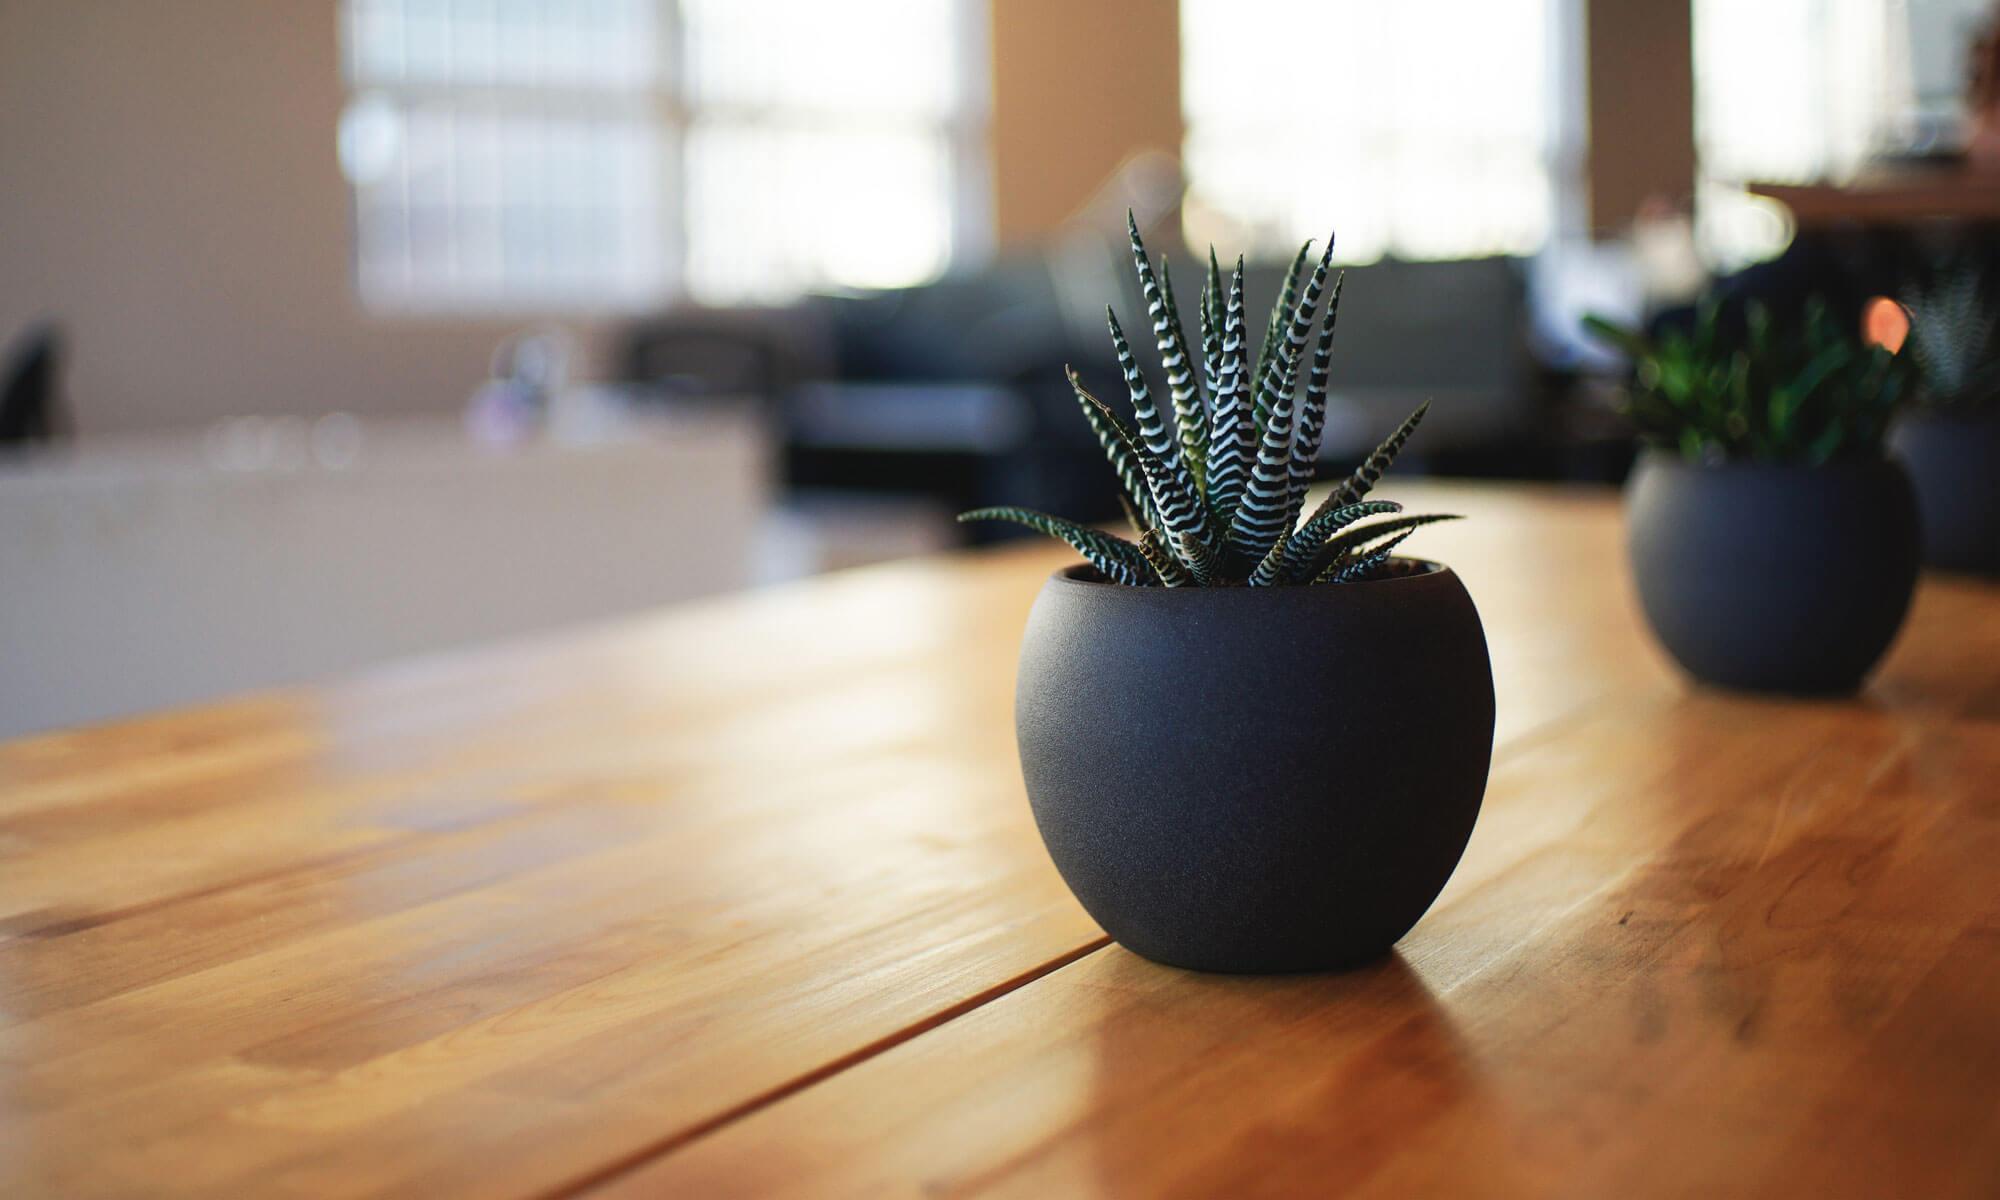 hoitfatt.com